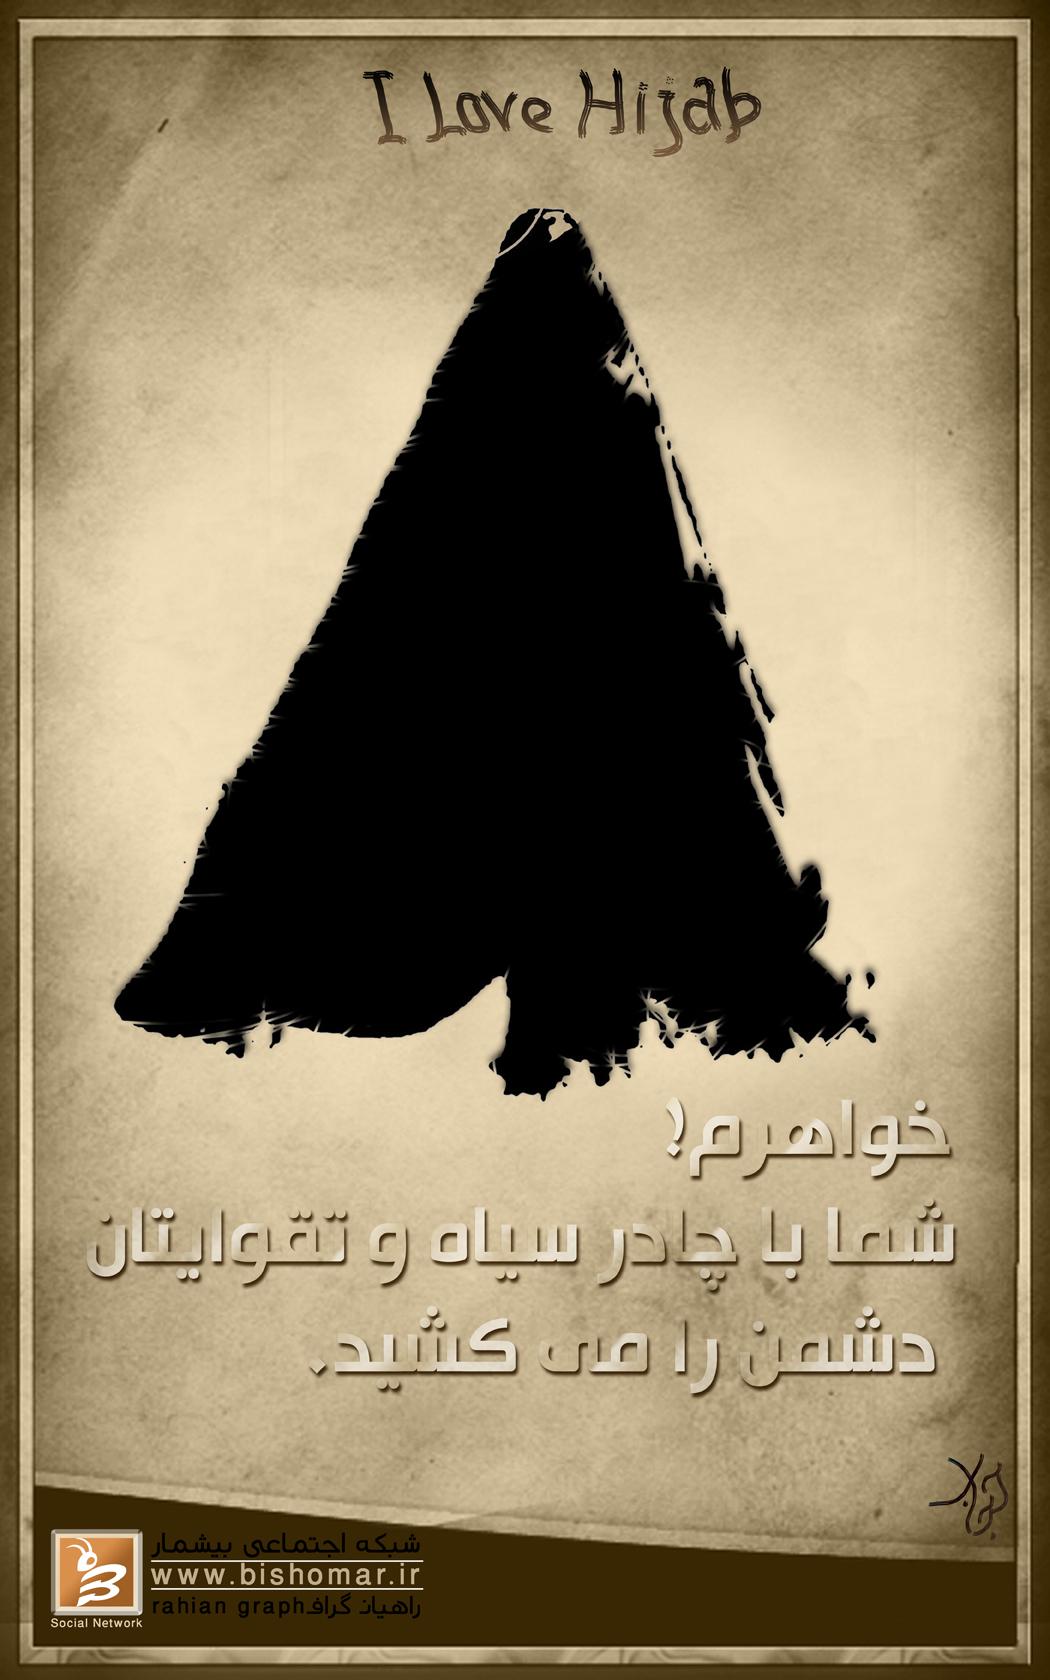 http://dl.aviny.com/karikator/mozoei/hijab/kamel/112.jpg